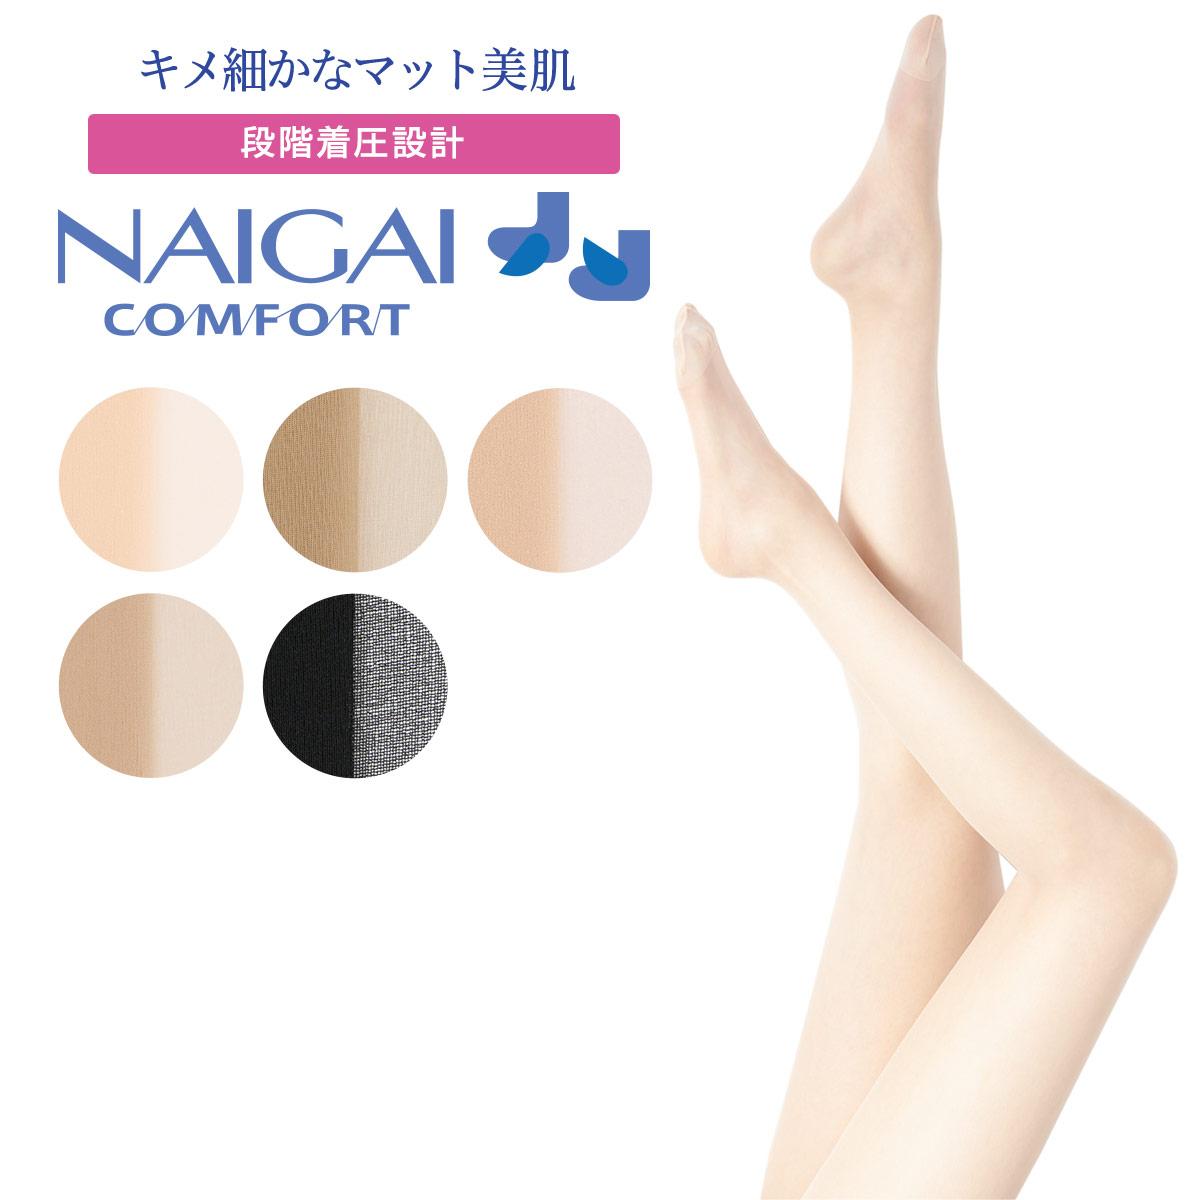 NAIGAI COMFORT ナイガイ コンフォート レディース 着圧・ウエストゆったり ストッキング 1003002【ゆうパケット・4点まで】